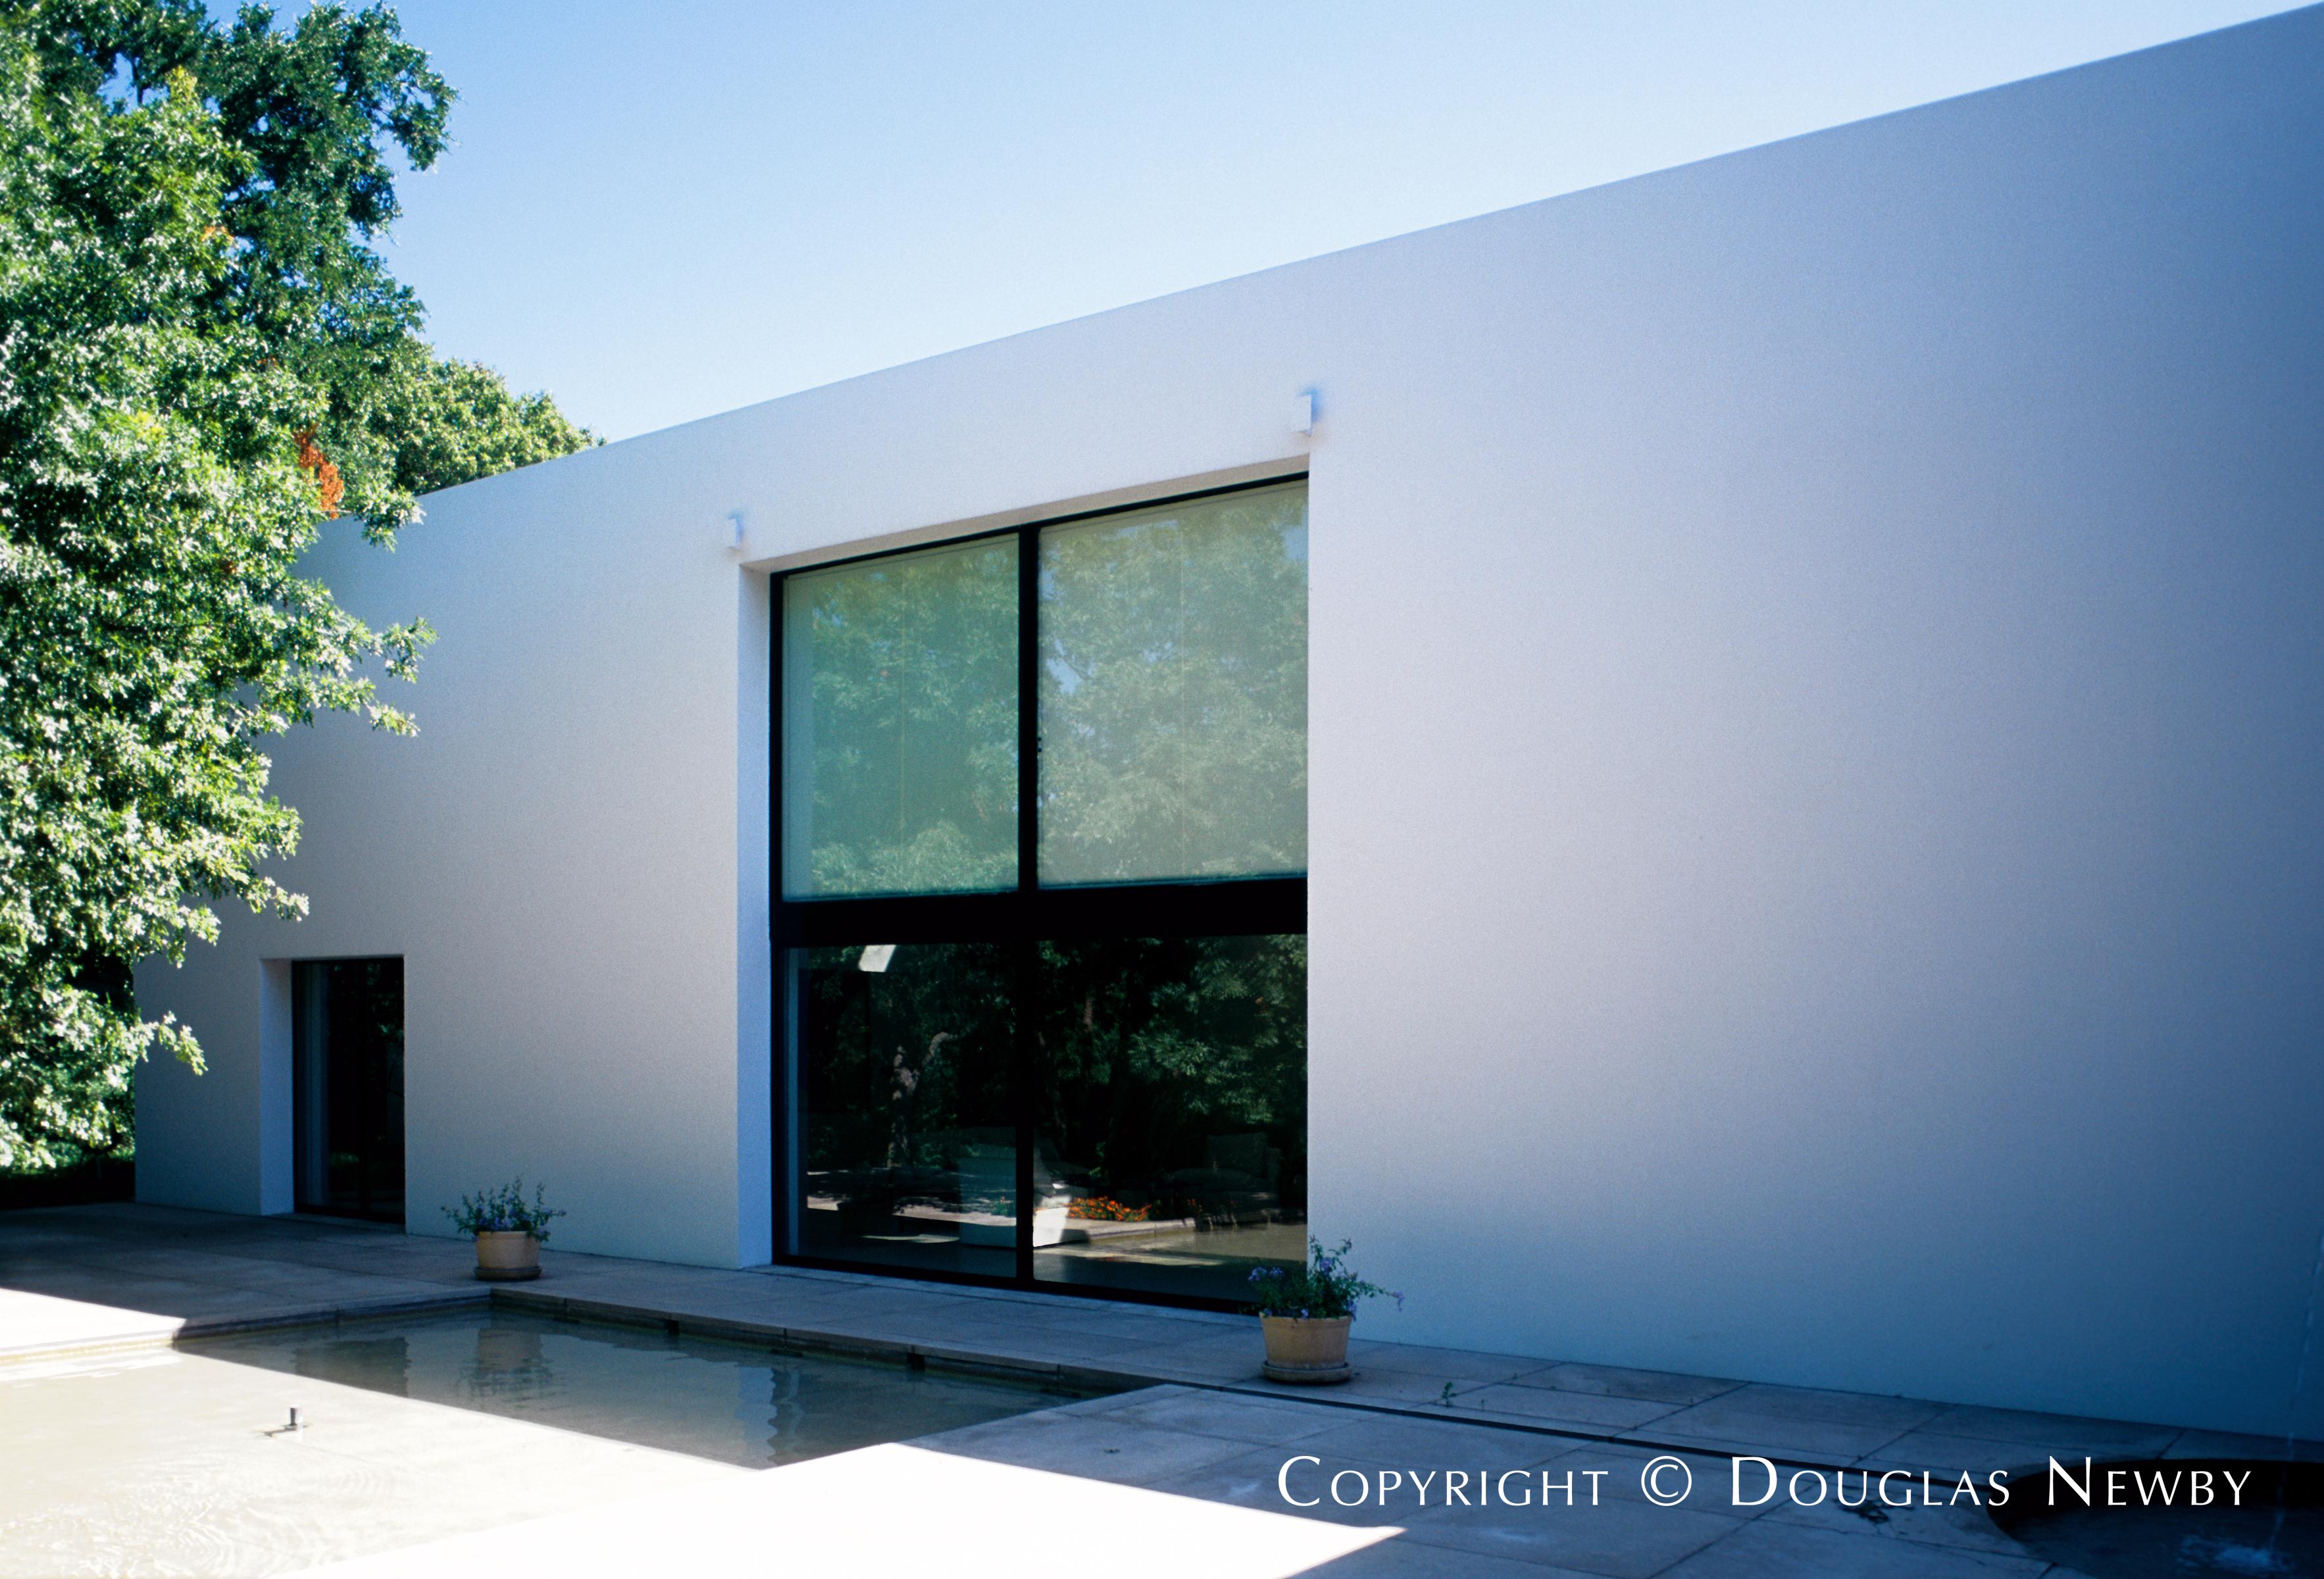 Architect Edward Larabee Barnes Designed Home in Preston Hollow